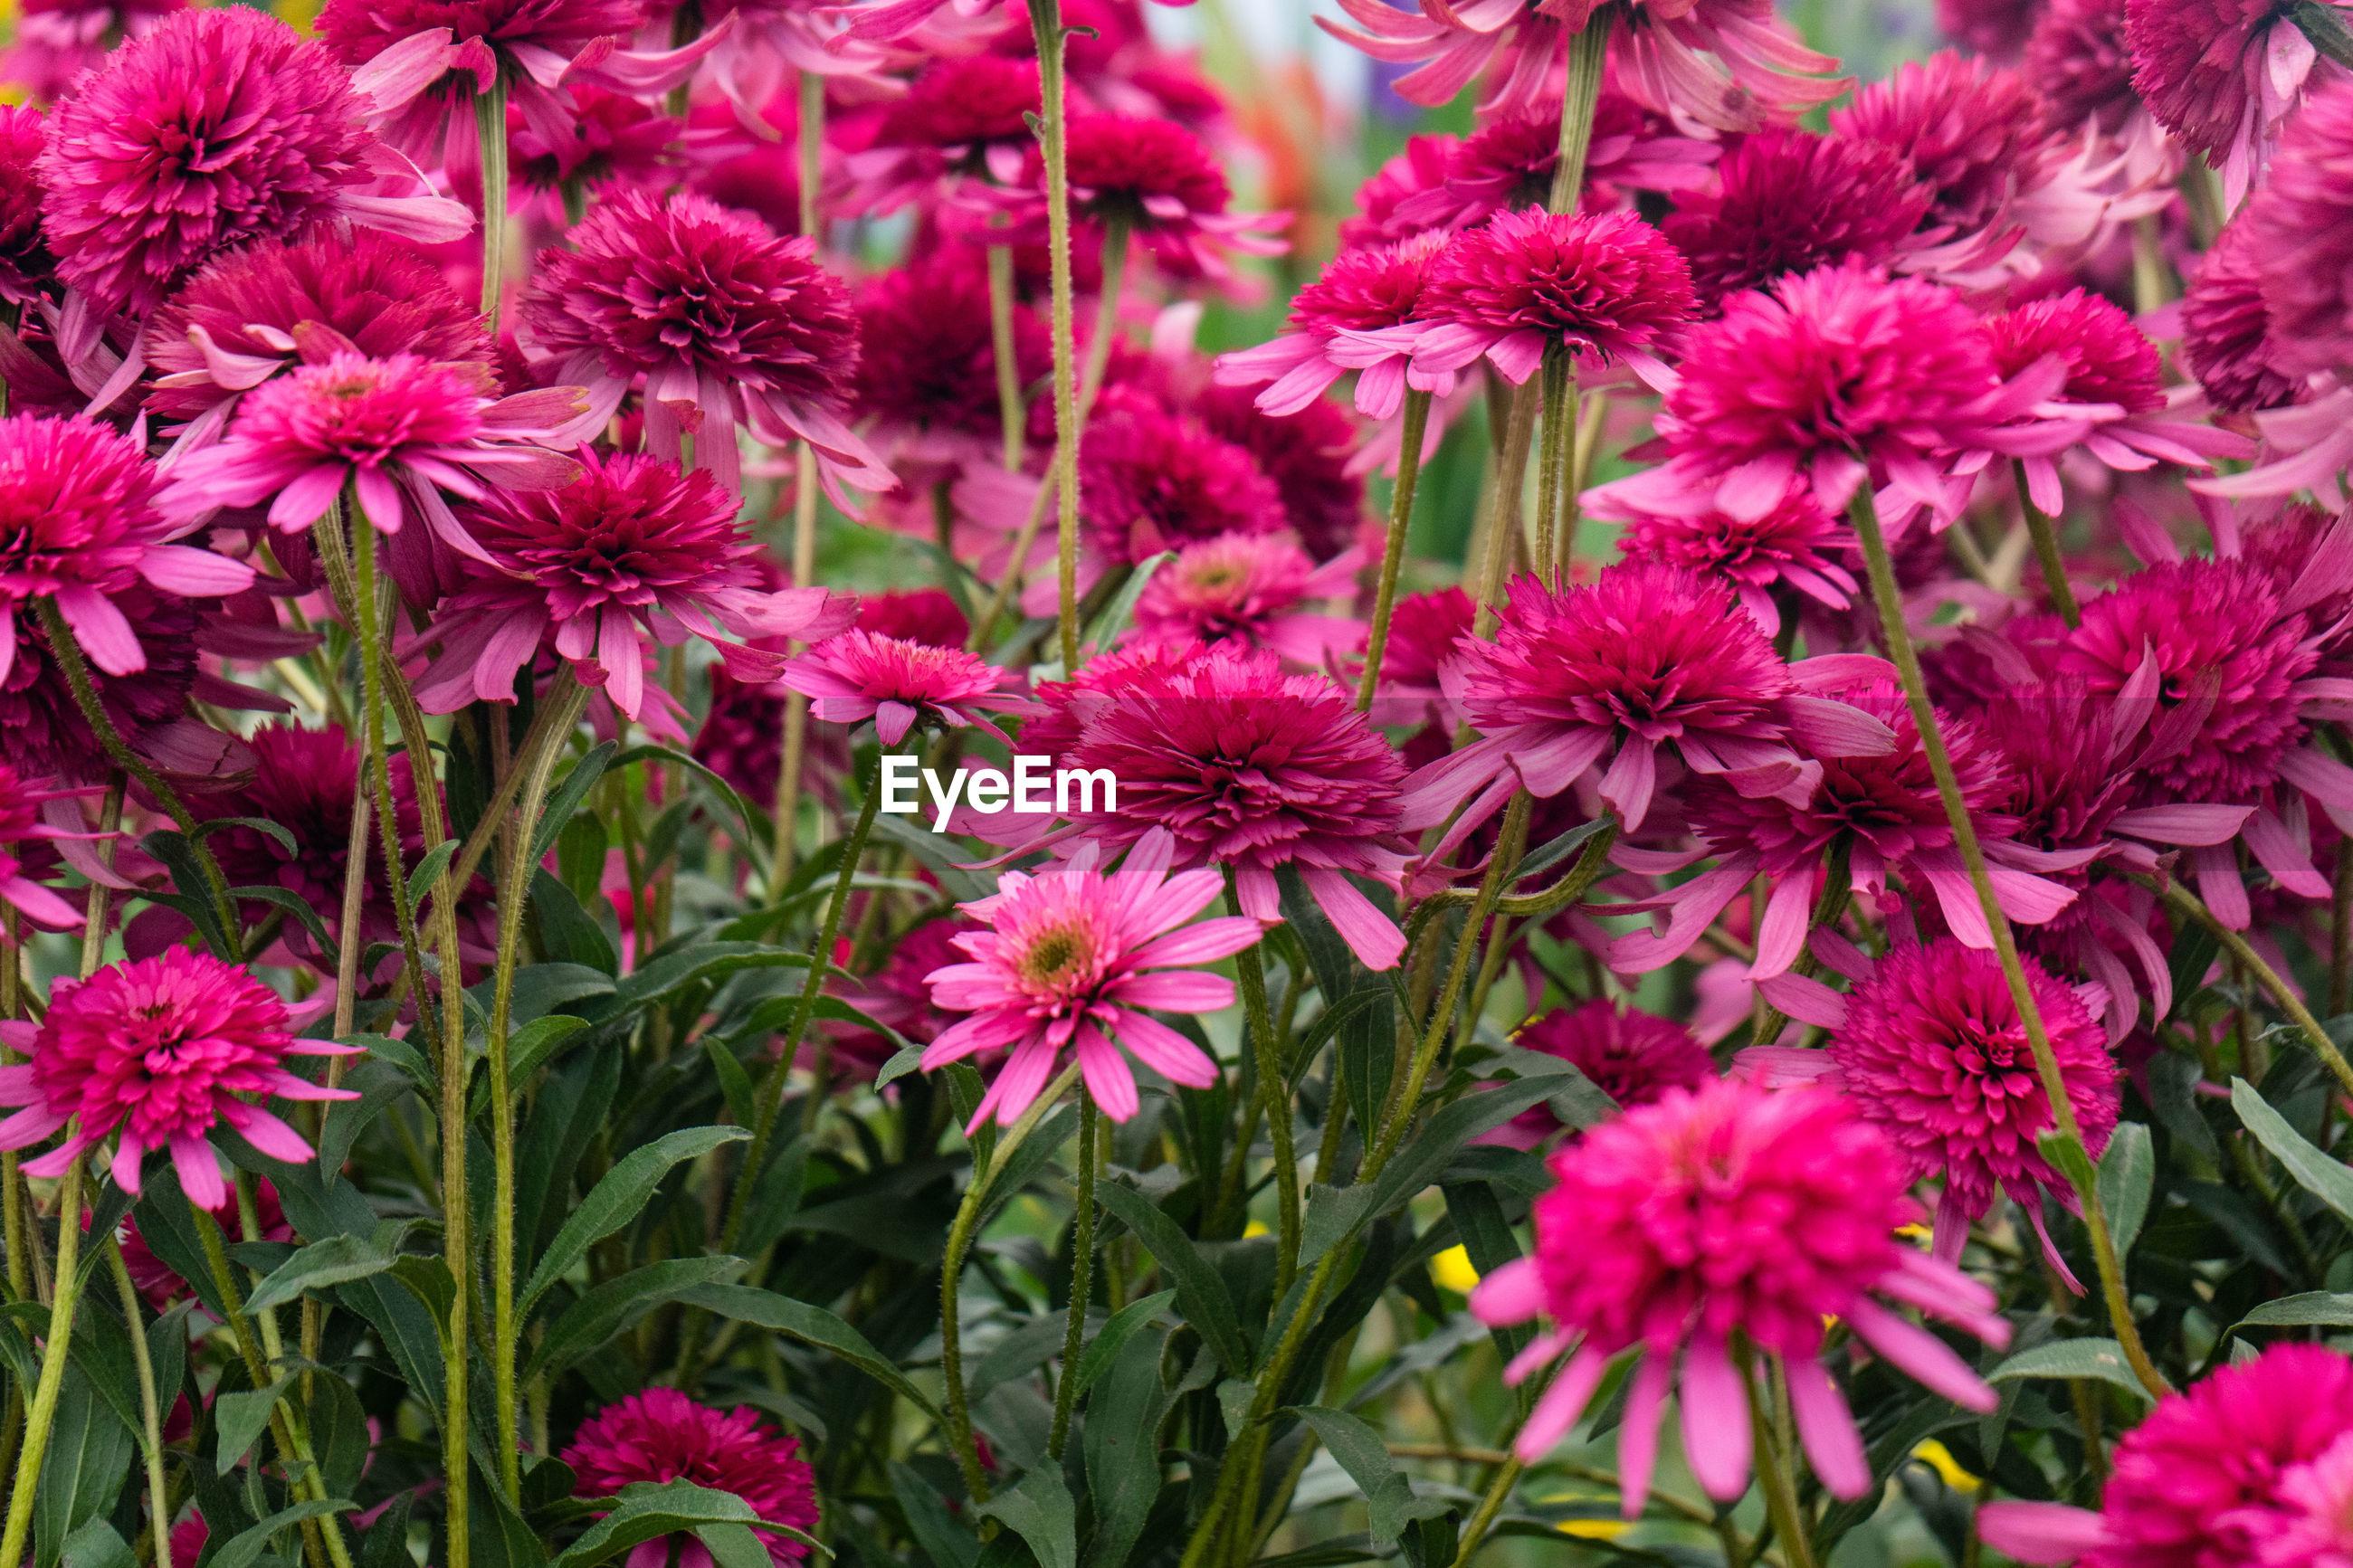 FULL FRAME OF PINK FLOWERS